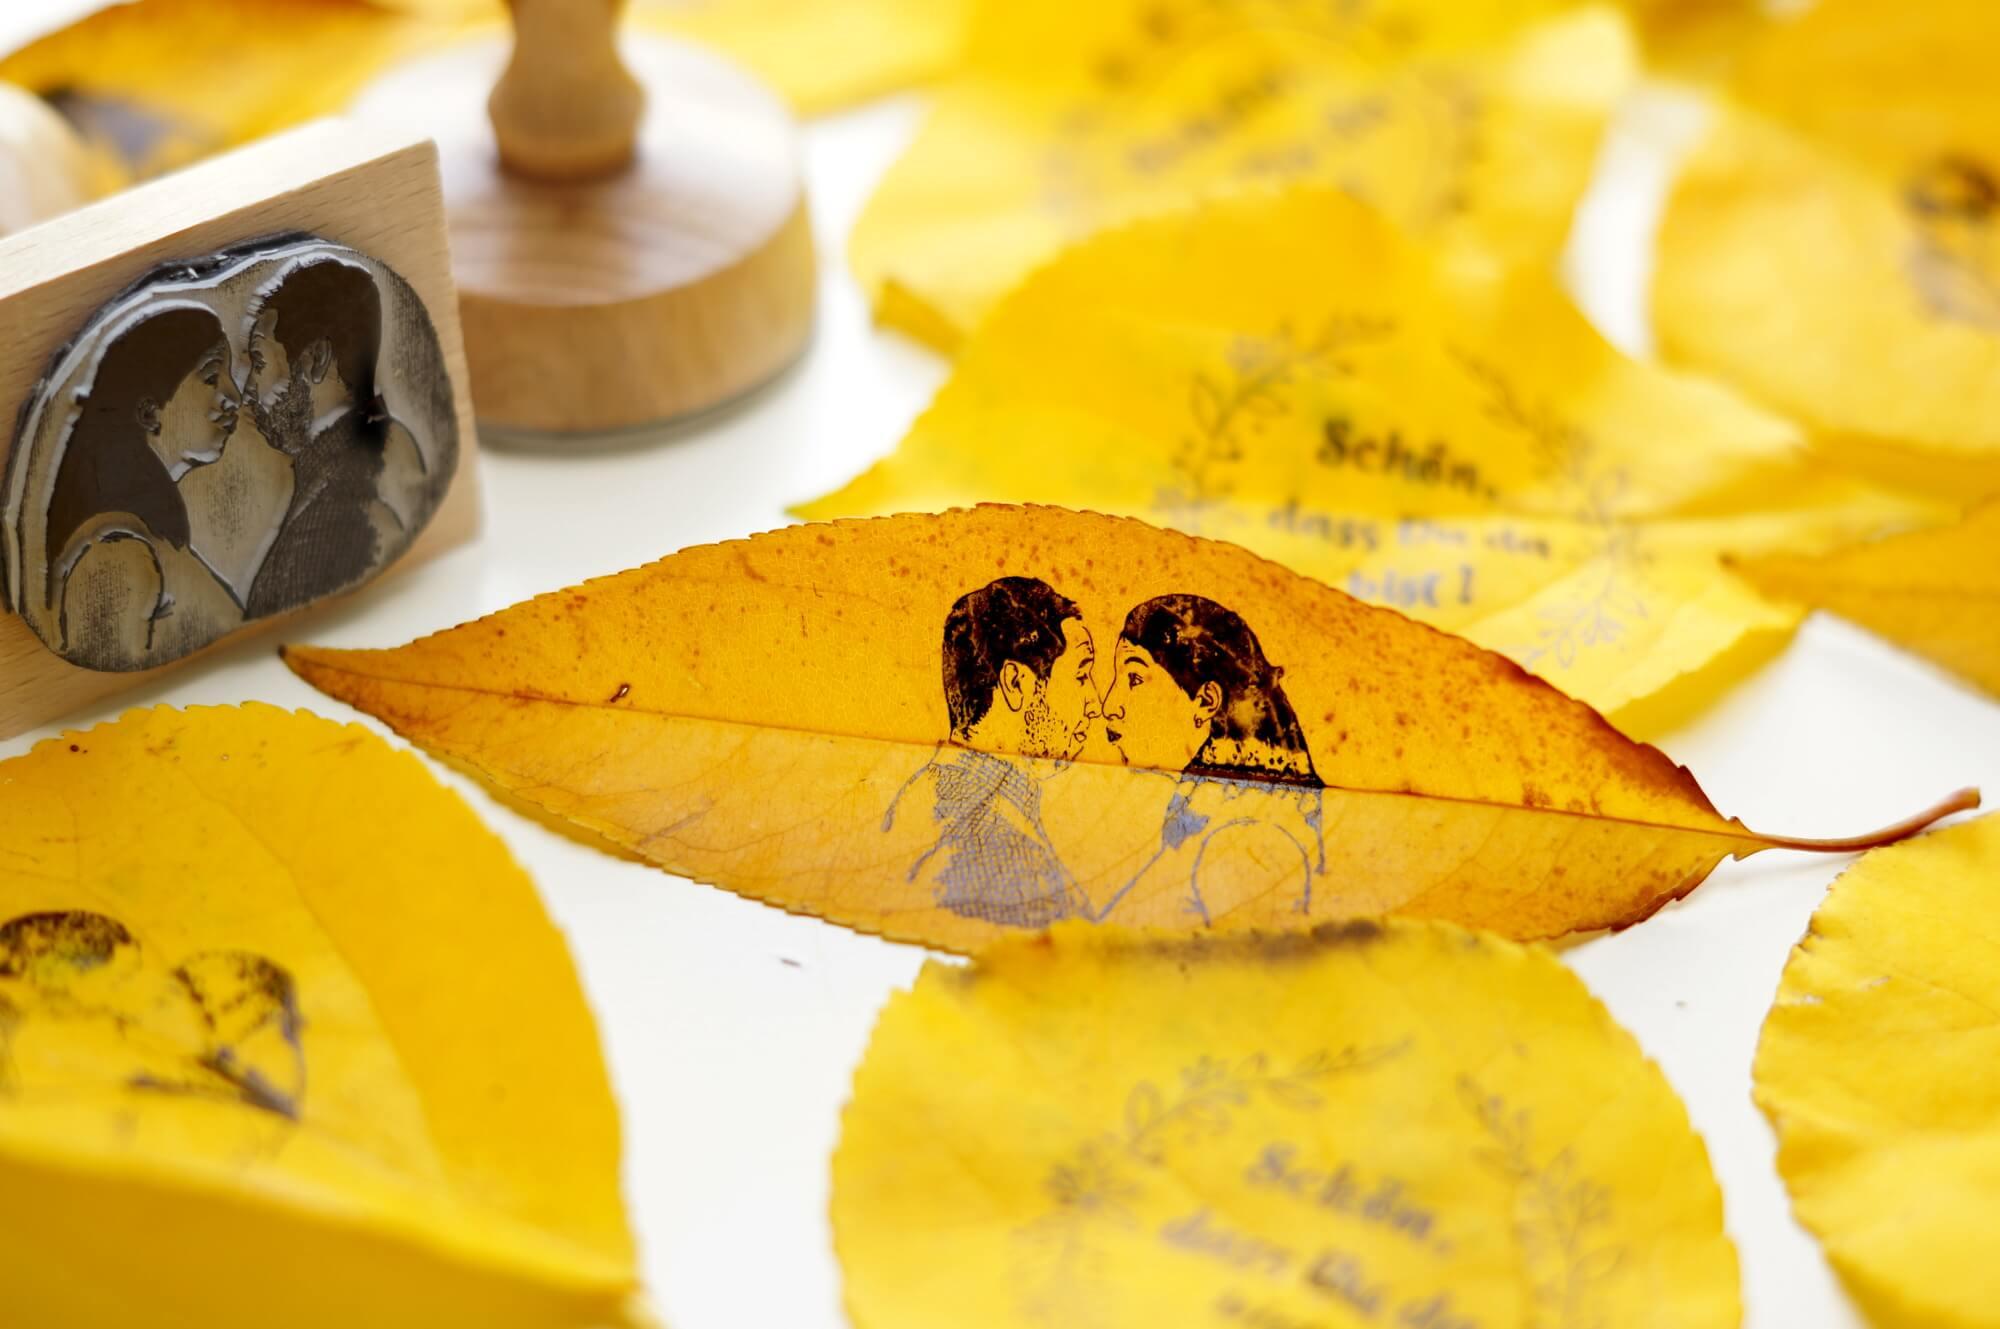 Fotostempel-Bl-tter-bestempeln-Herbst-DIY-Stempel-Herbstdeko-Gastgeschenk